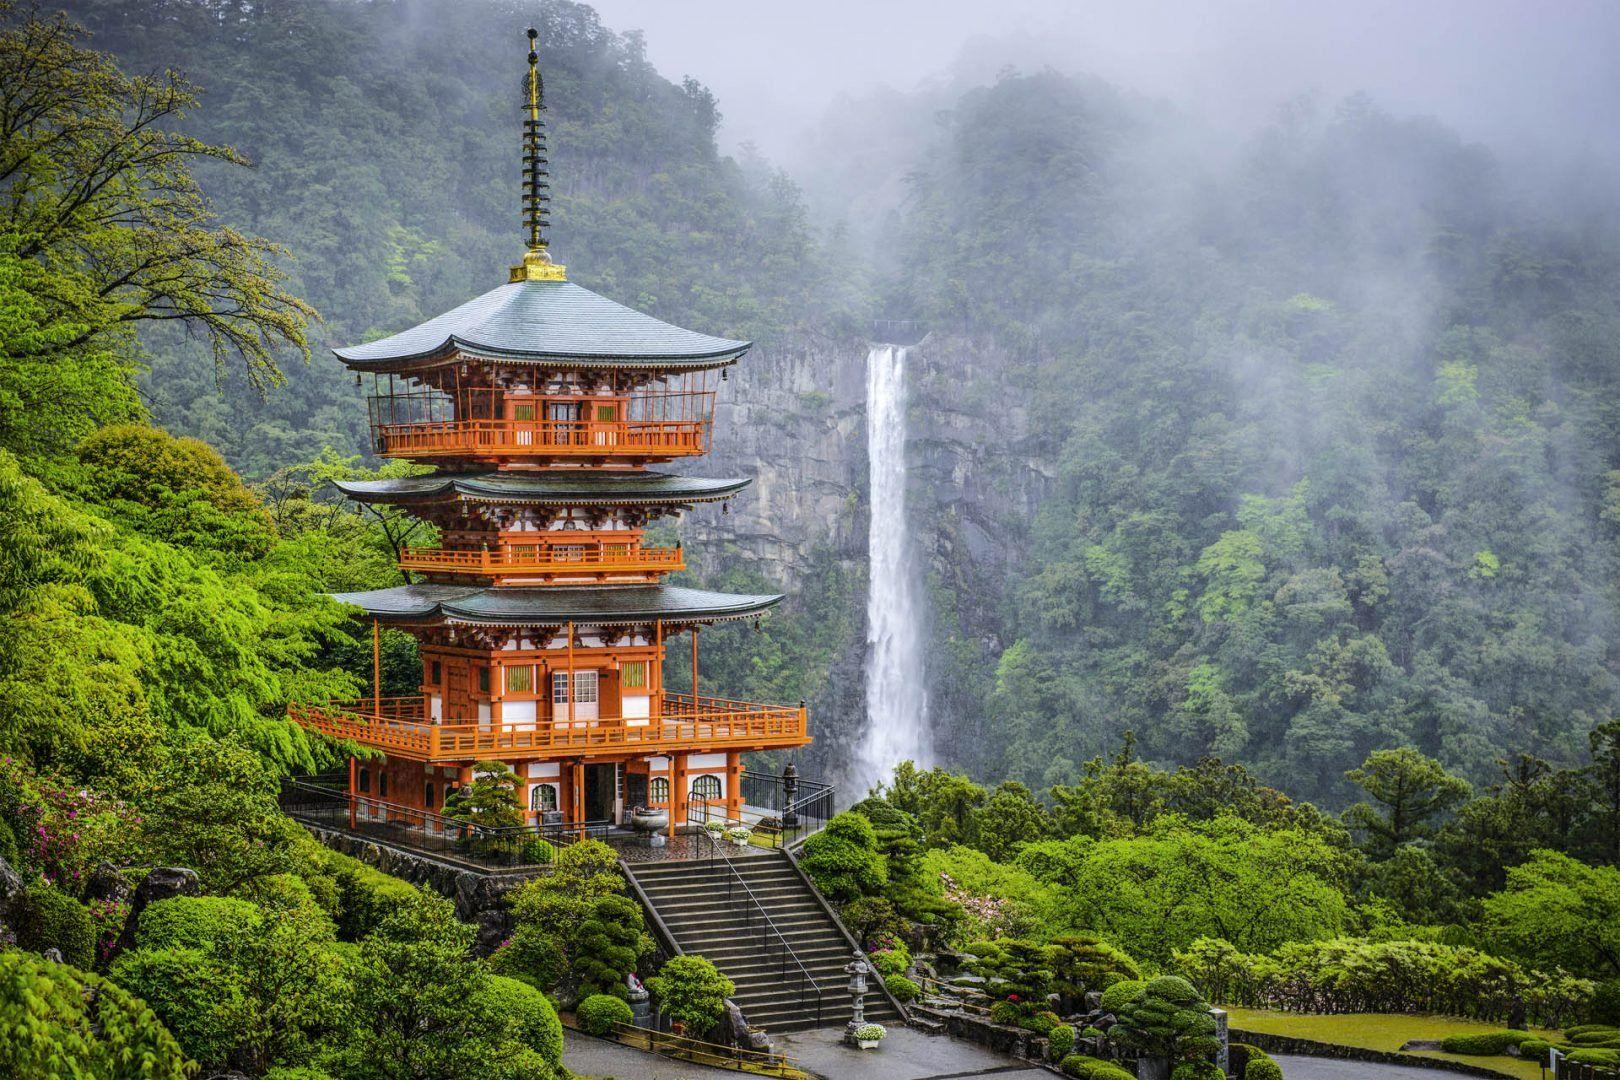 seigantoji-pagoda-japan-shutterstock_189118511_bdc0eb254a.jpeg